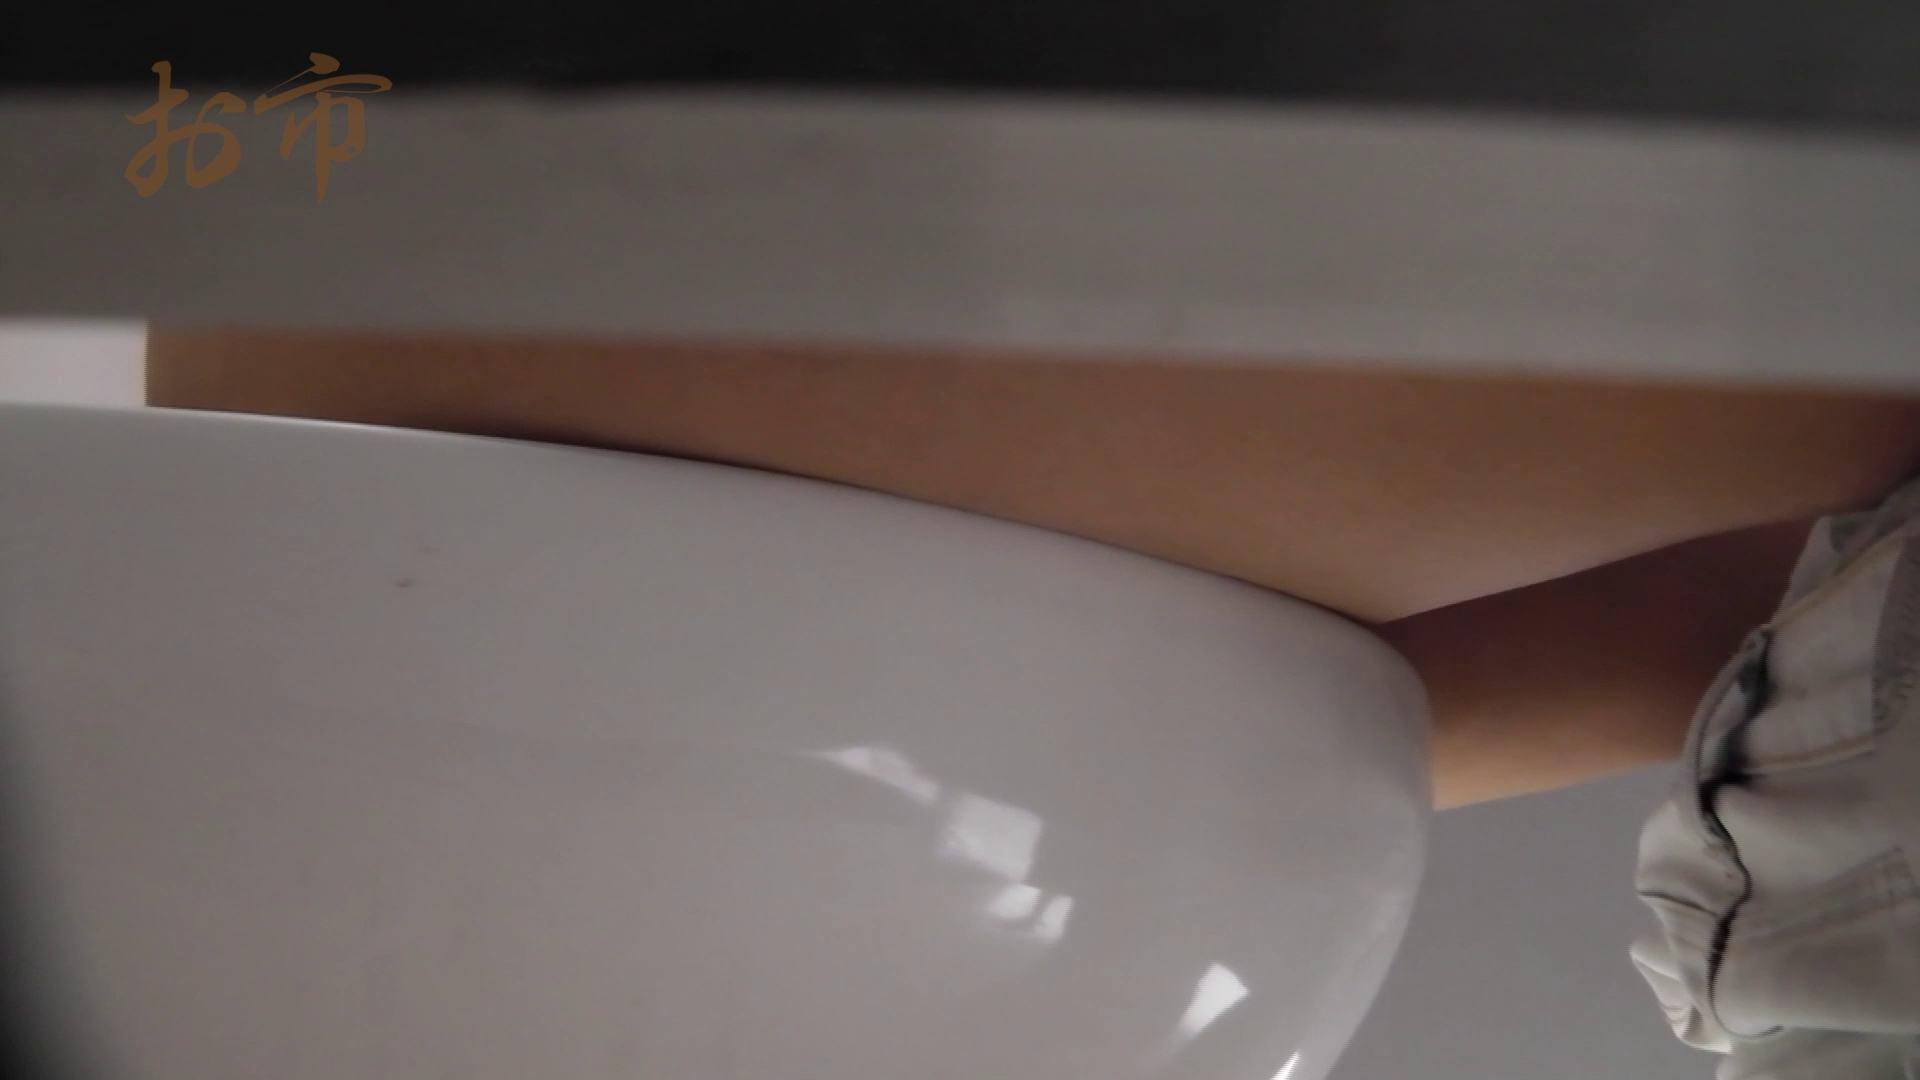 潜入!!台湾名門女学院 Vol.12 長身モデル驚き見たことないシチュエーション 潜入 オメコ動画キャプチャ 101pic 49